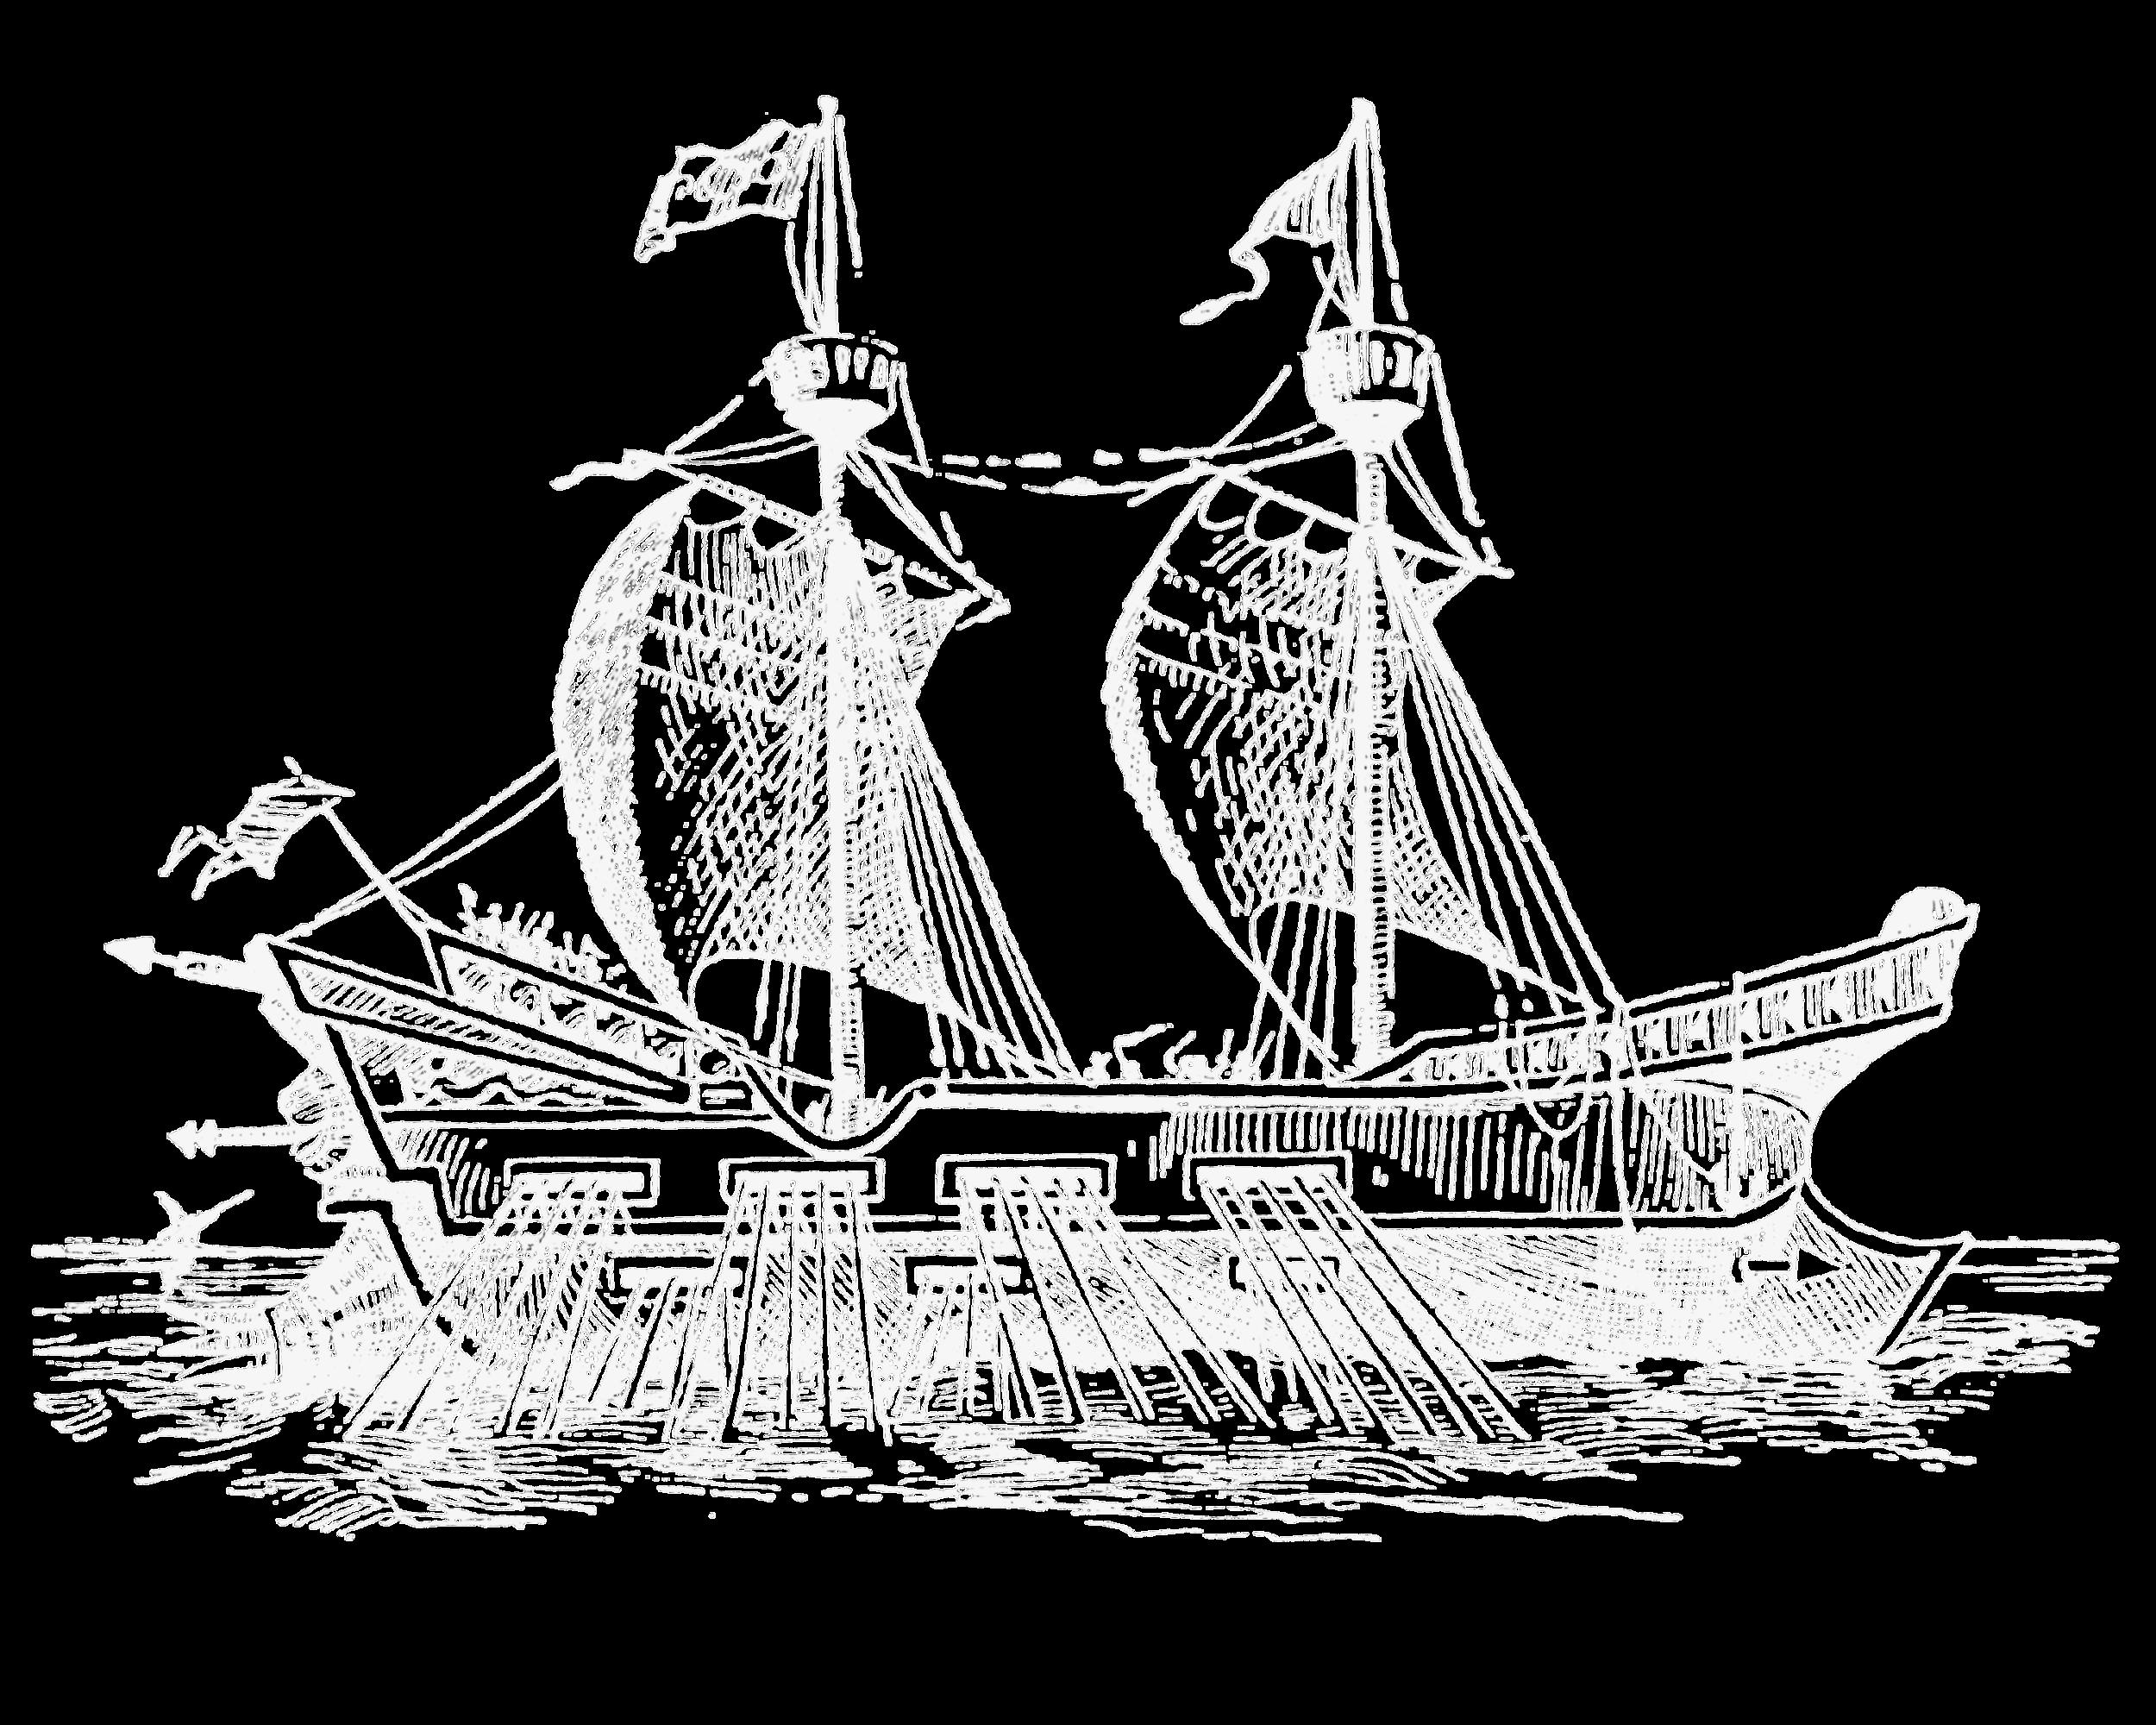 Super Duper Cool Old Ship